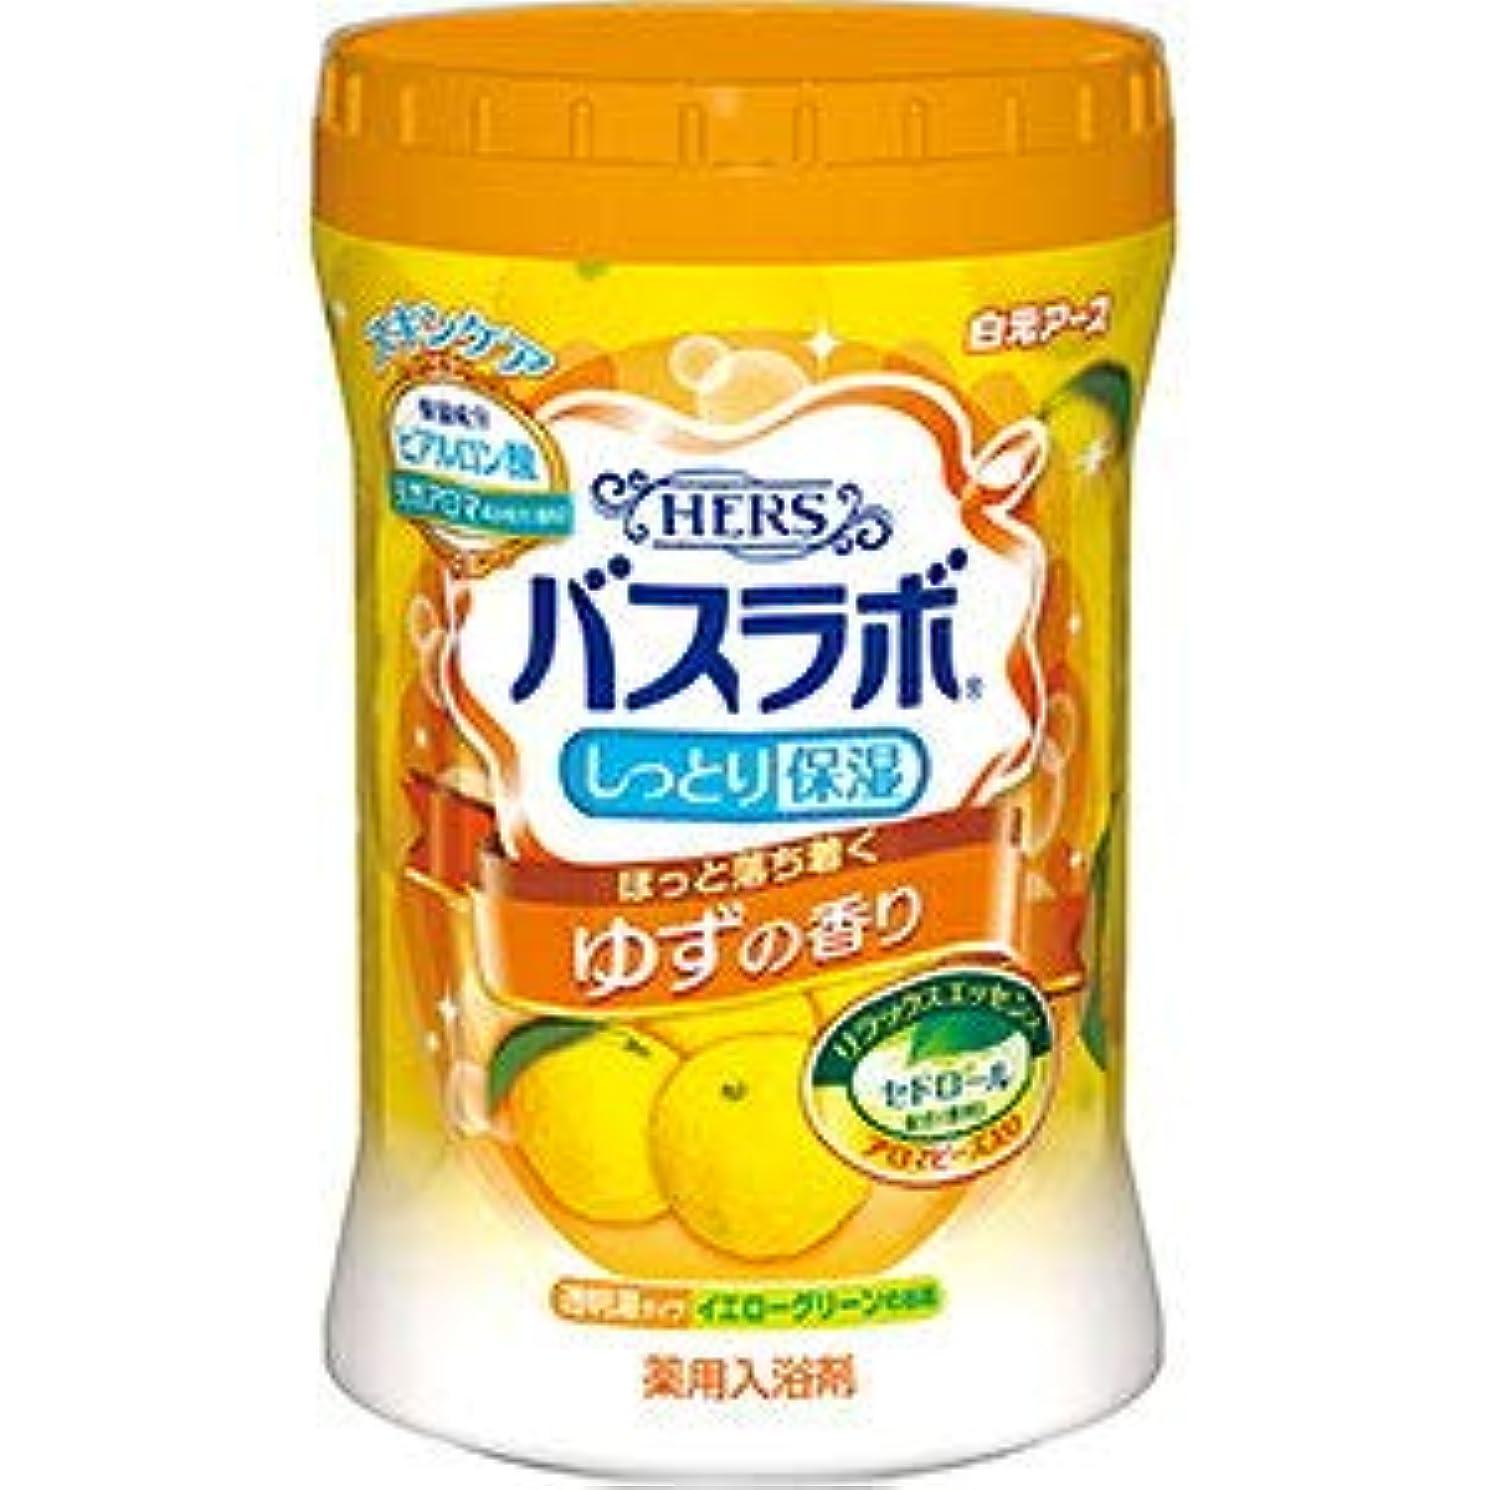 緩やかなタッチバリー白元 HERSバスラボ しっとり保湿 薬用入浴剤 ゆずの香り 680g [医薬部外品] 1ケース15個